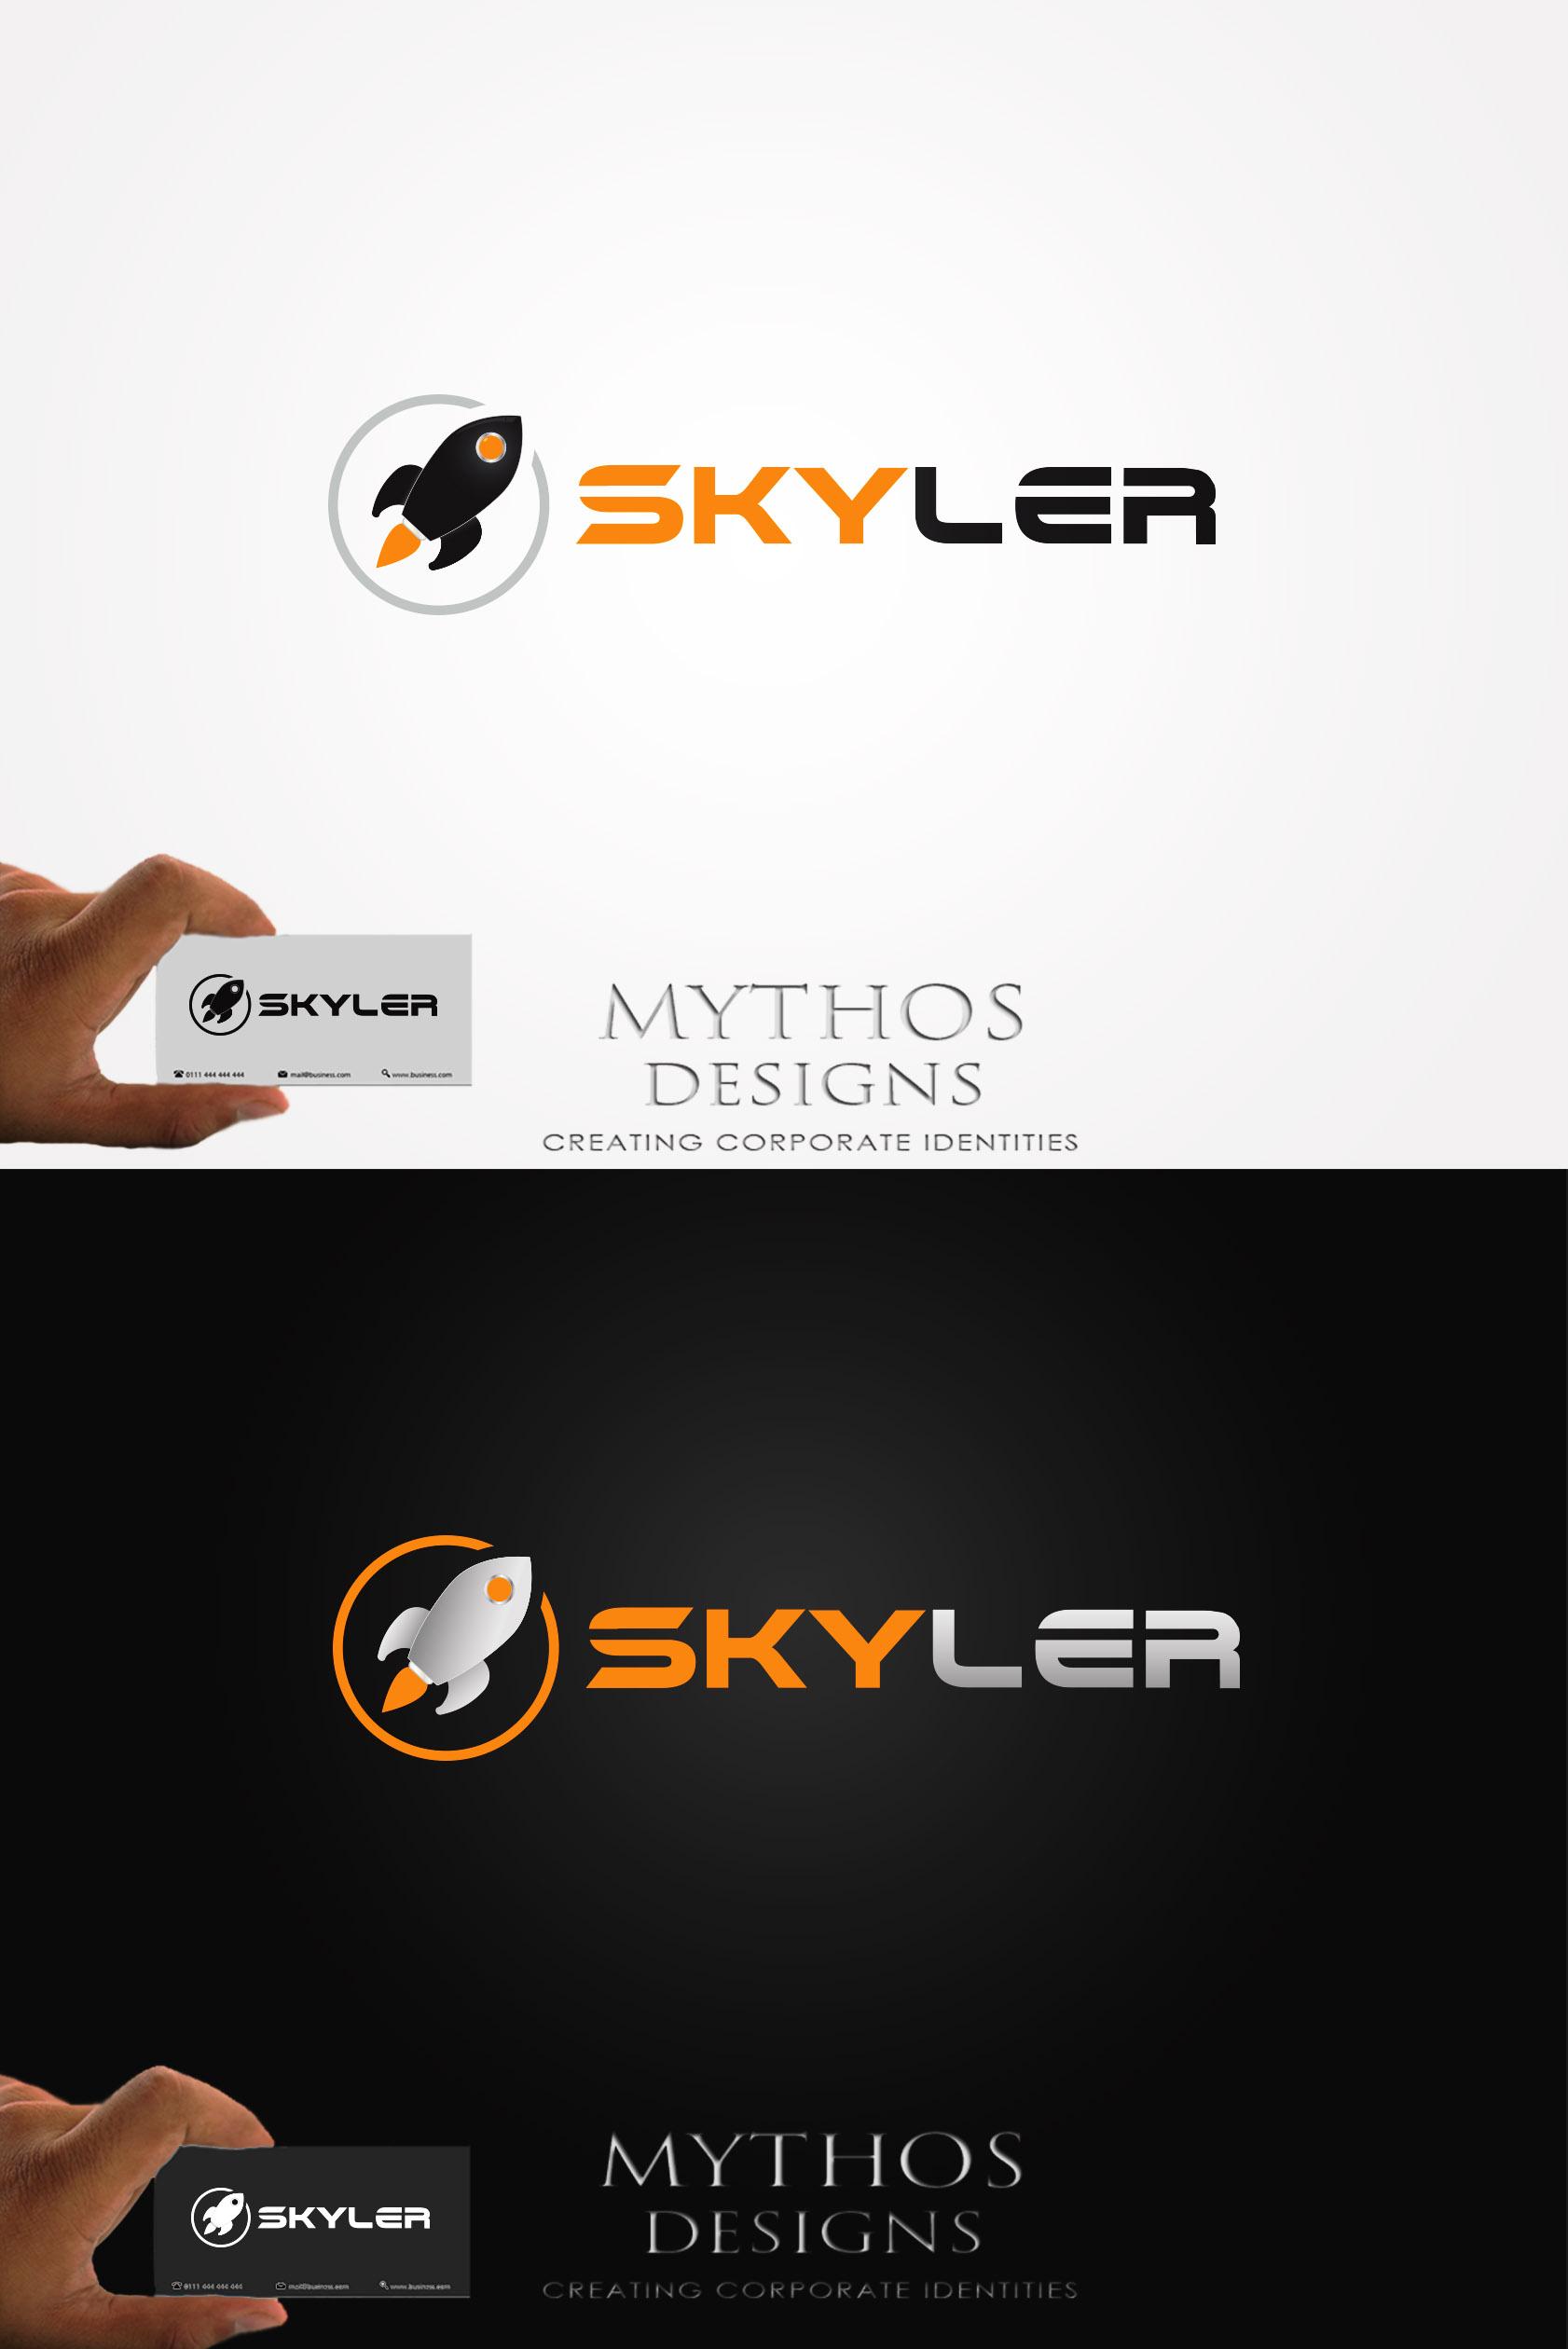 Logo Design by Mythos Designs - Entry No. 238 in the Logo Design Contest Artistic Logo Design for Skyler.Asia.